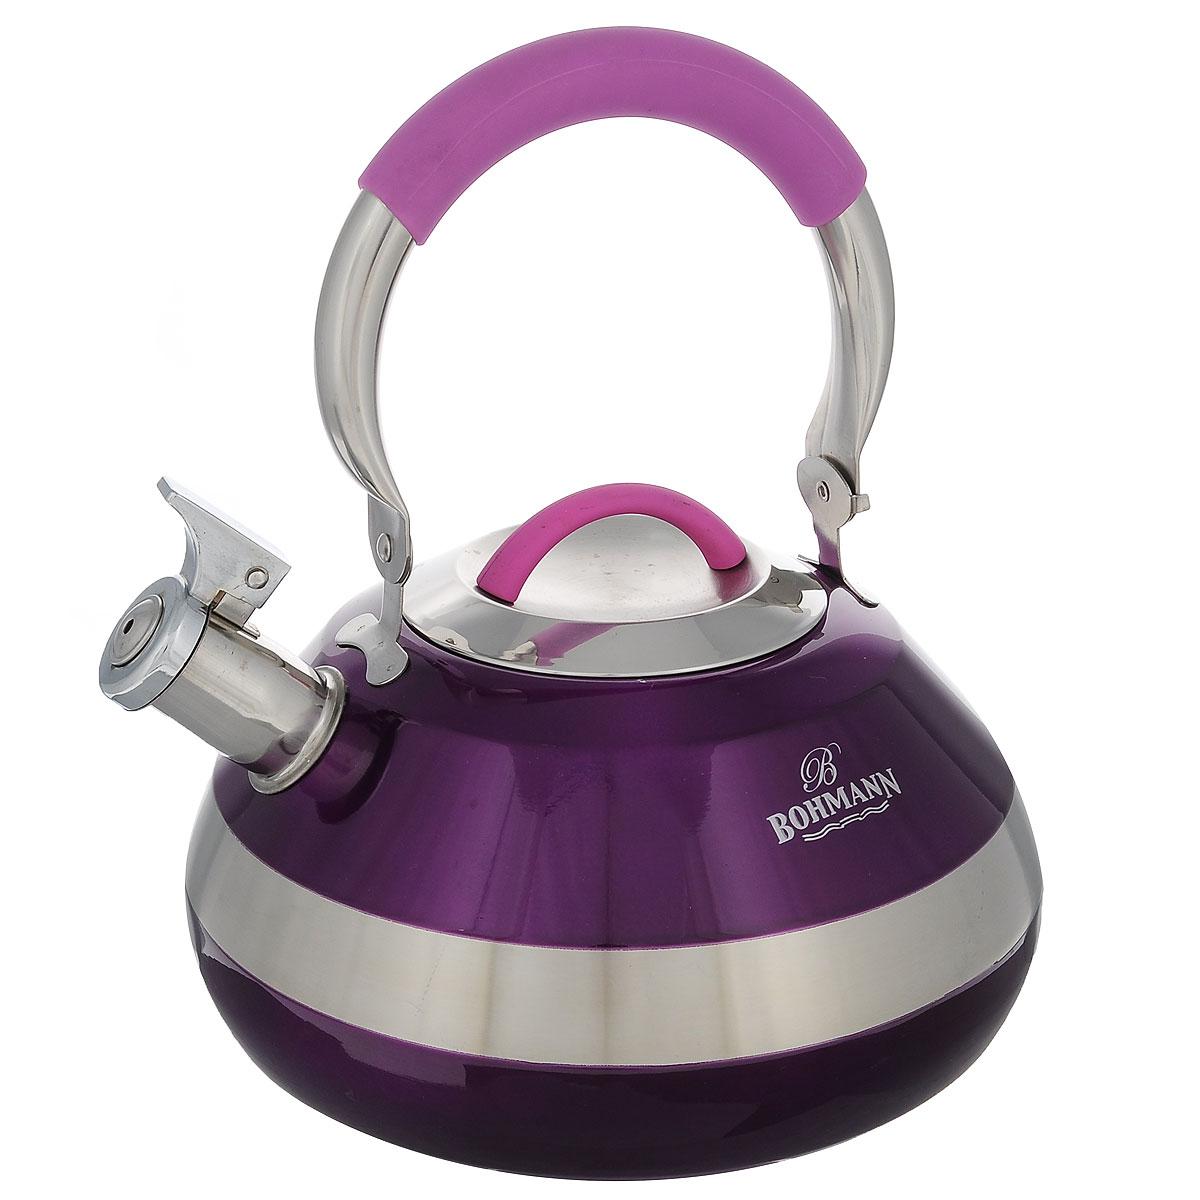 Чайник Bohmann со свистком, цвет: фиолетовый, 4 л. BH - 8059BH - 8059 фиолетЧайник Bohmann изготовлен из высококачественной нержавеющей стали с глянцевым цветным покрытием. Носик чайника оснащен откидным свистком, звуковой сигнал которого подскажет, когда закипит вода. Подвижная ручка изготовлена из нержавеющей стали с прорезиненным покрытием. Чайник Bohmann - качественное исполнение и стильное решение для вашей кухни.Подходит для использования на газовых, стеклокерамических, электрических, галогеновых и индукционных плитах. Также изделие можно мыть в посудомоечной машине.